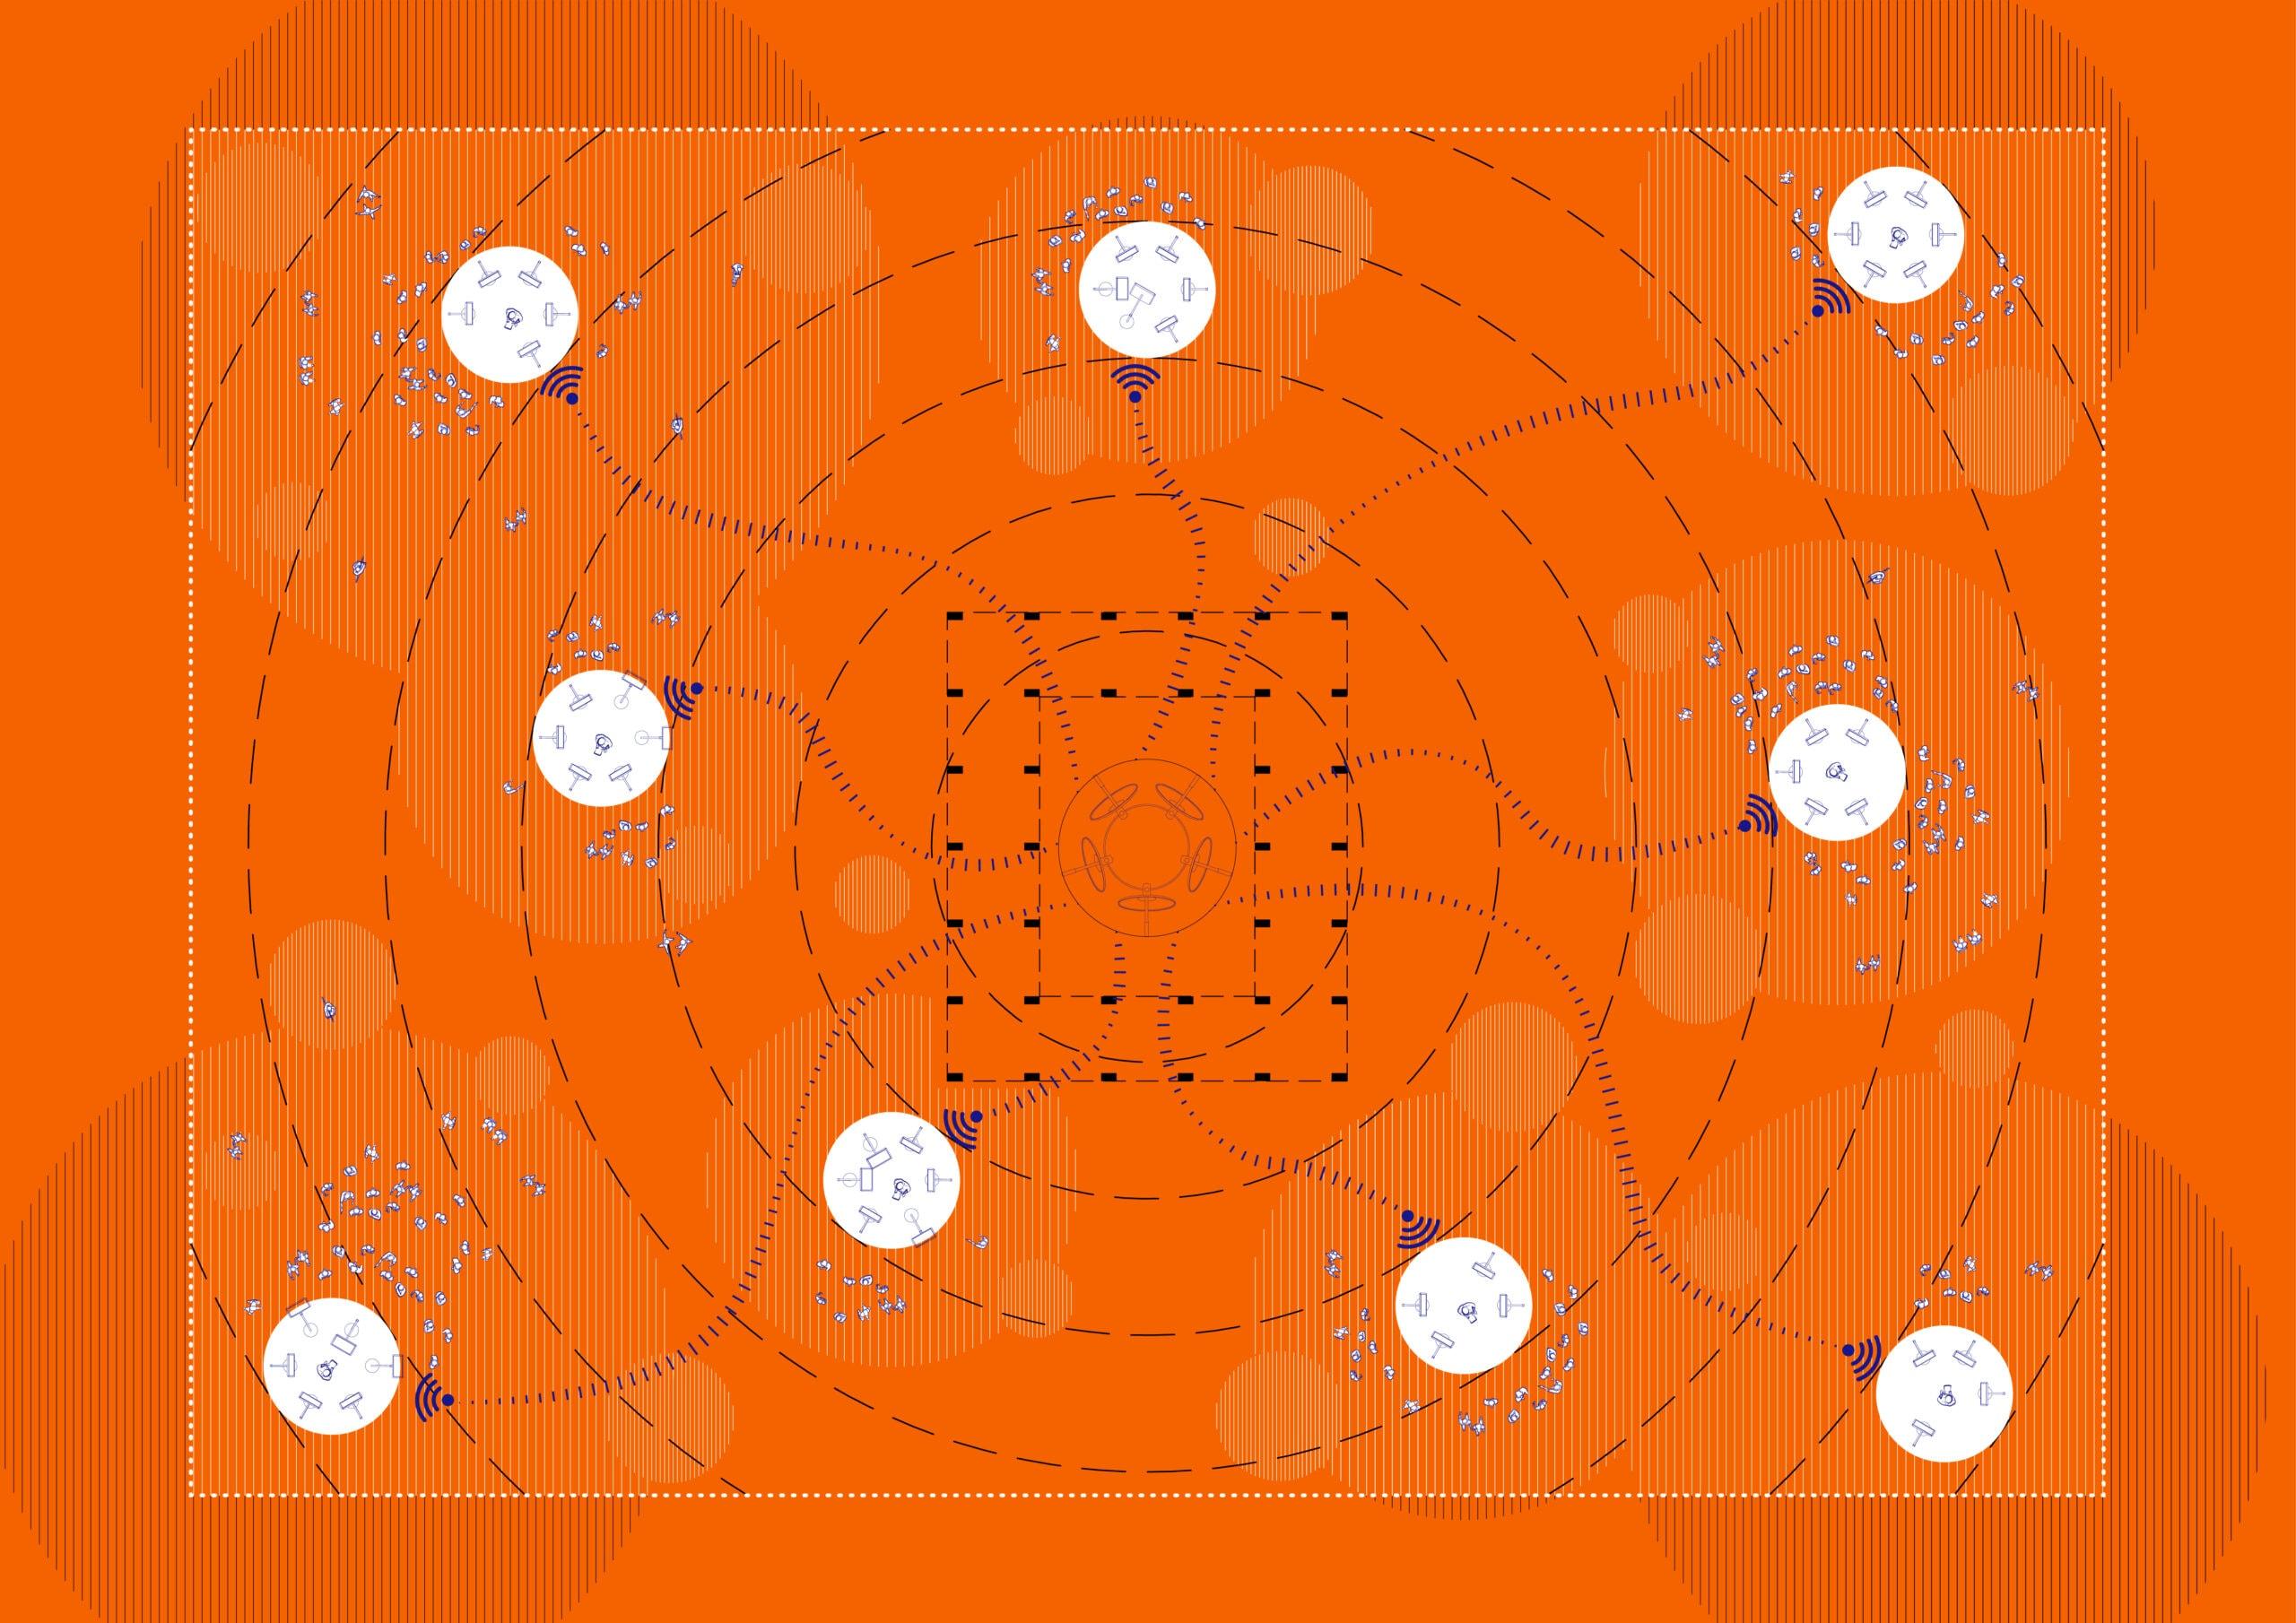 21019_No Signal Error_Floorplan